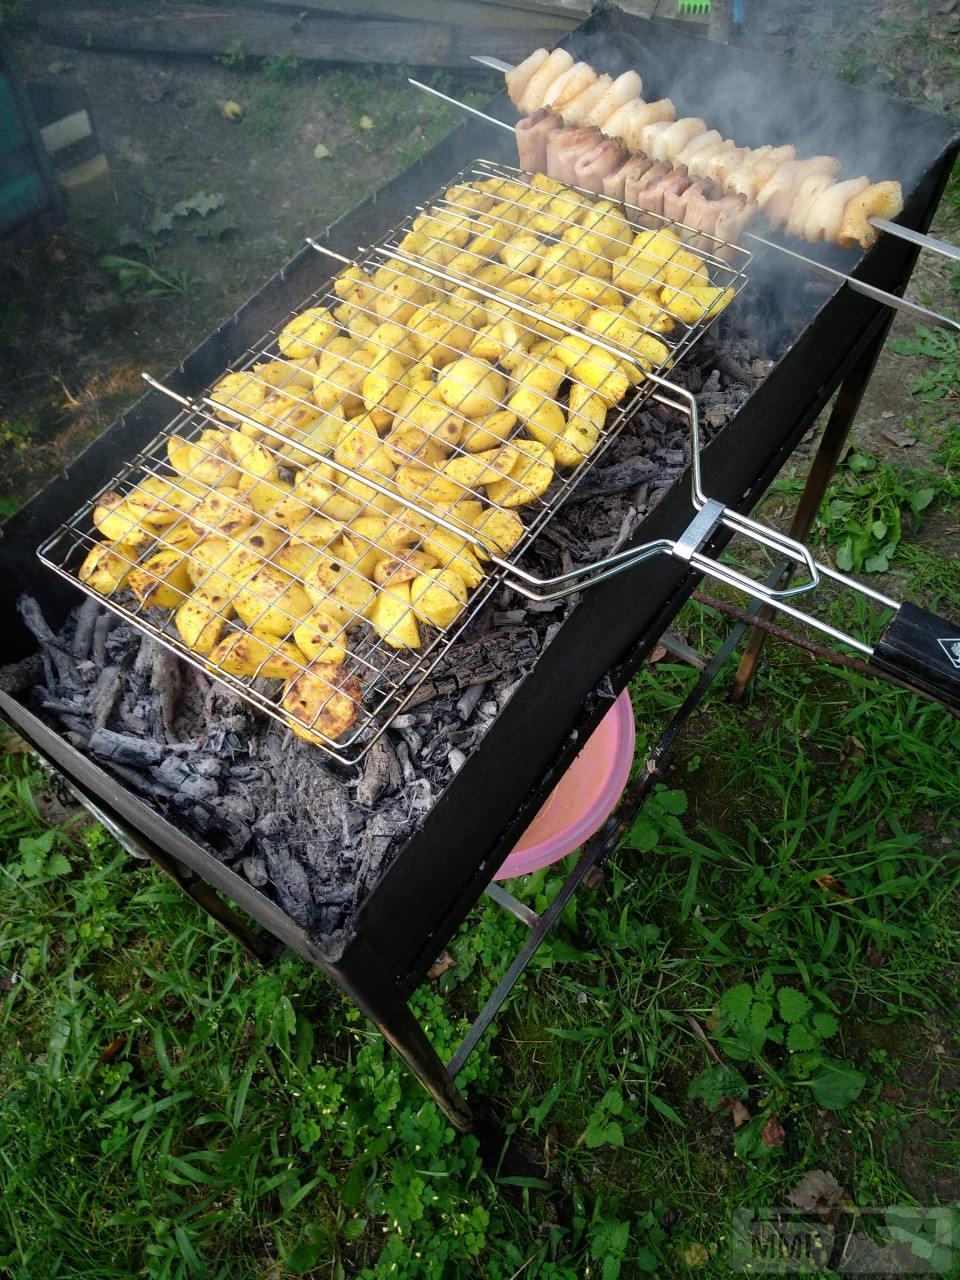 69694 - Закуски на огне (мангал, барбекю и т.д.) и кулинария вообще. Советы и рецепты.